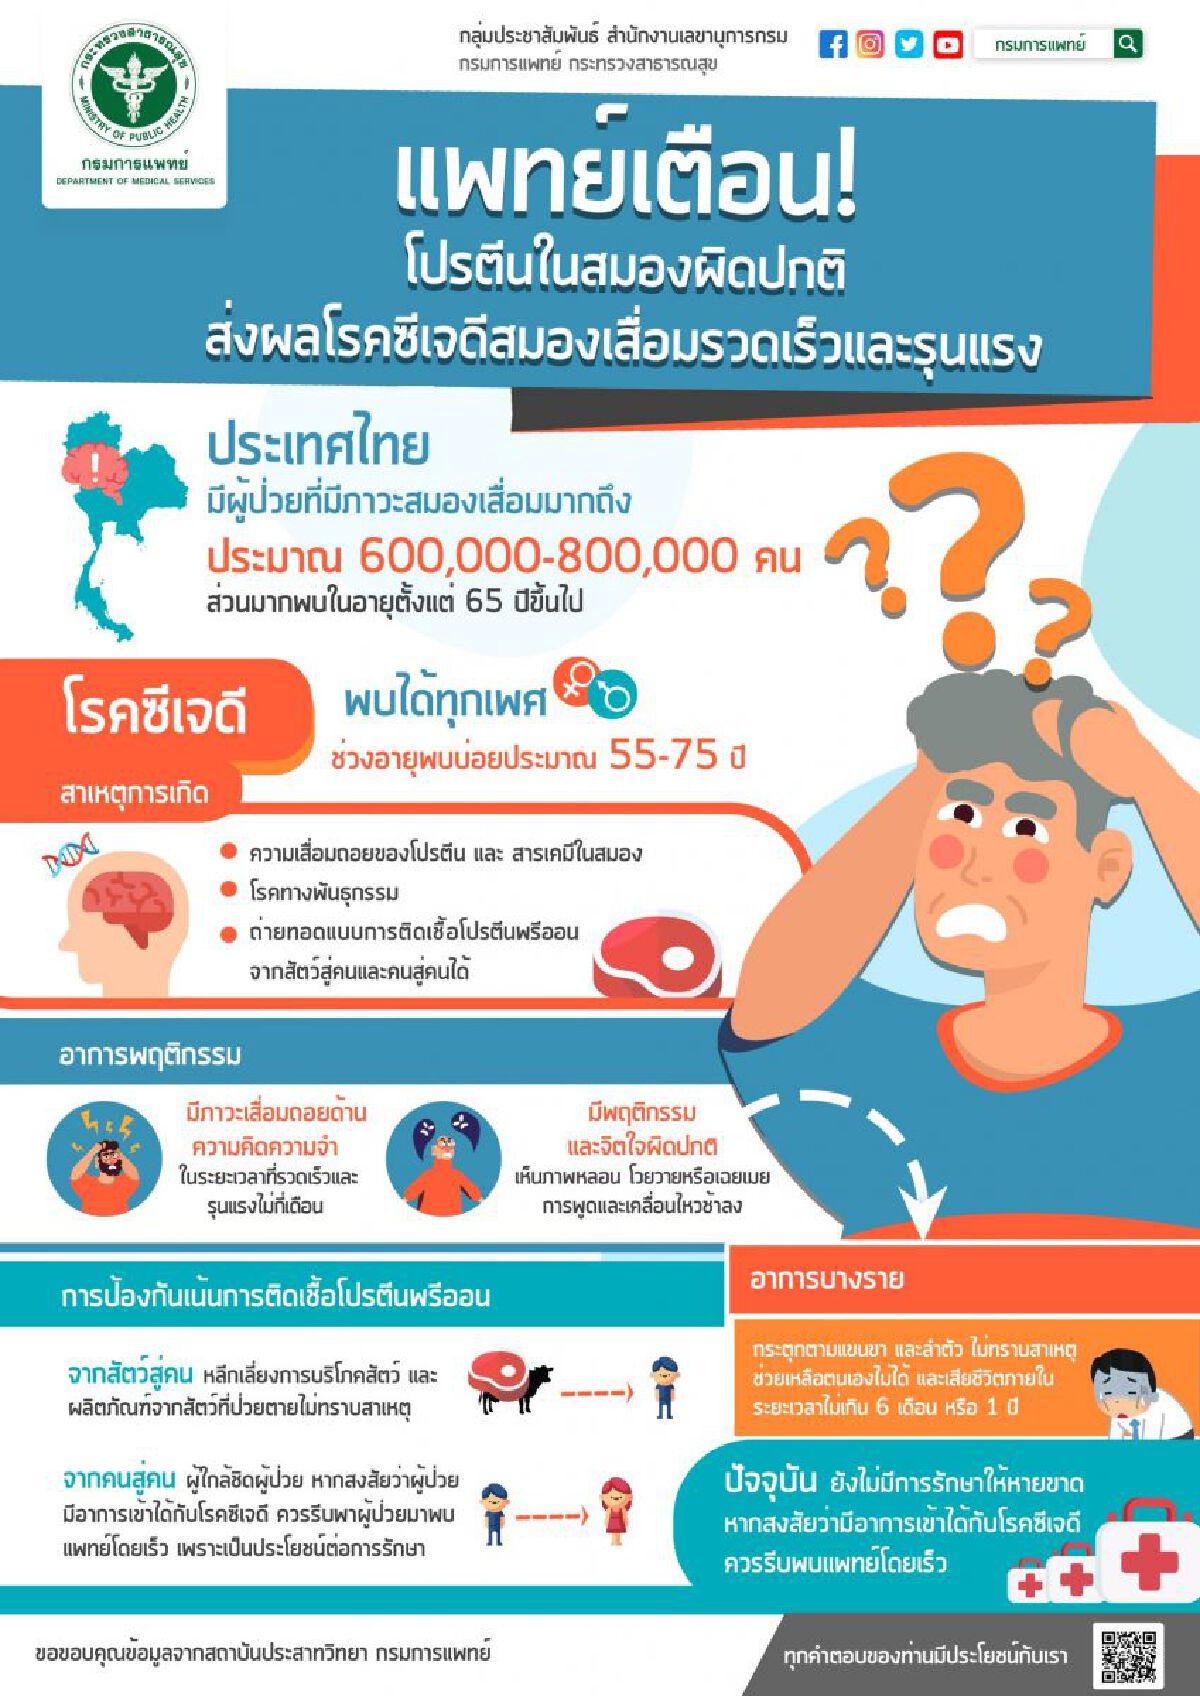 แพทย์เตือนโปรตีนในสมองผิดปกติ เสี่ยงภาวะสมองเสื่อมรุนแรง